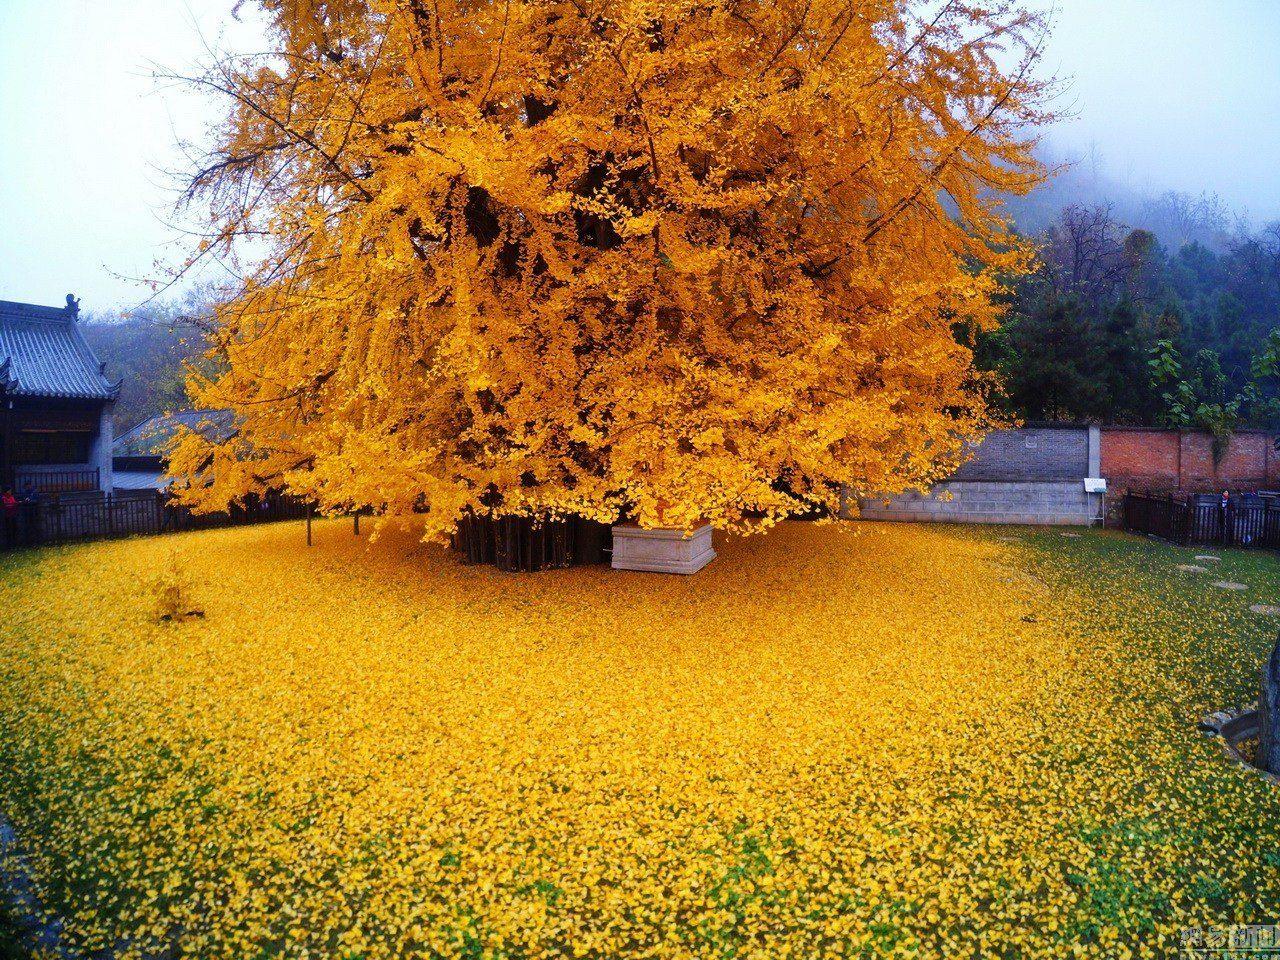 Ginkgo Bilboa Tree Yellow Leaves Beautiful Yellow Fall Foliage